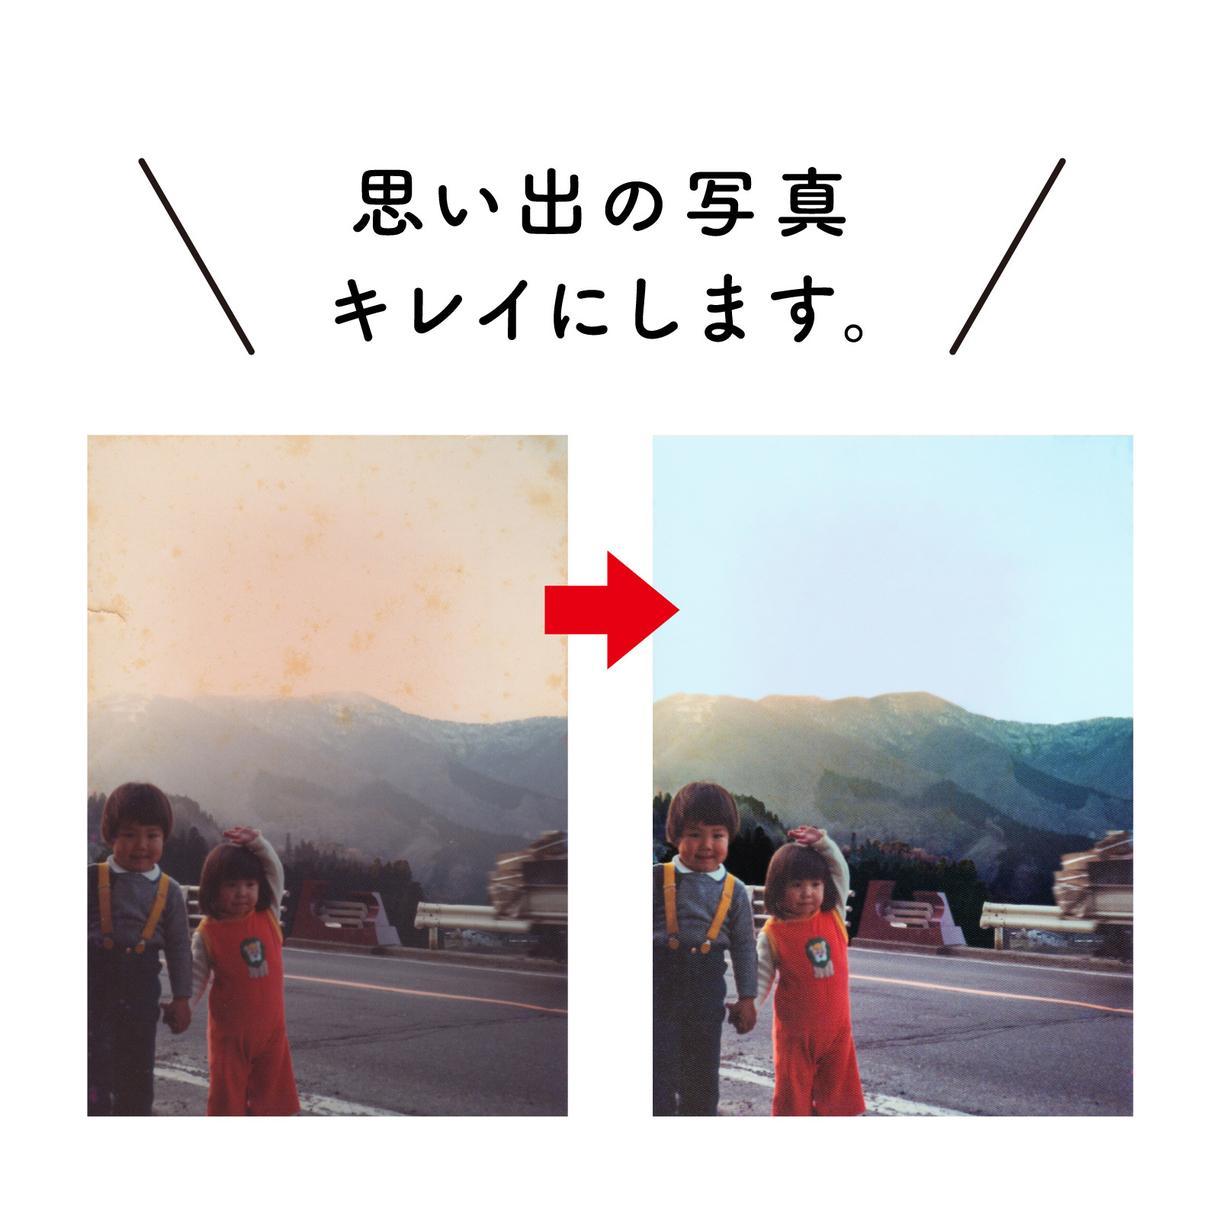 思い出の写真、キレイにします スキャンした写真をレタッチし、デジタルデータとしてお手元に。